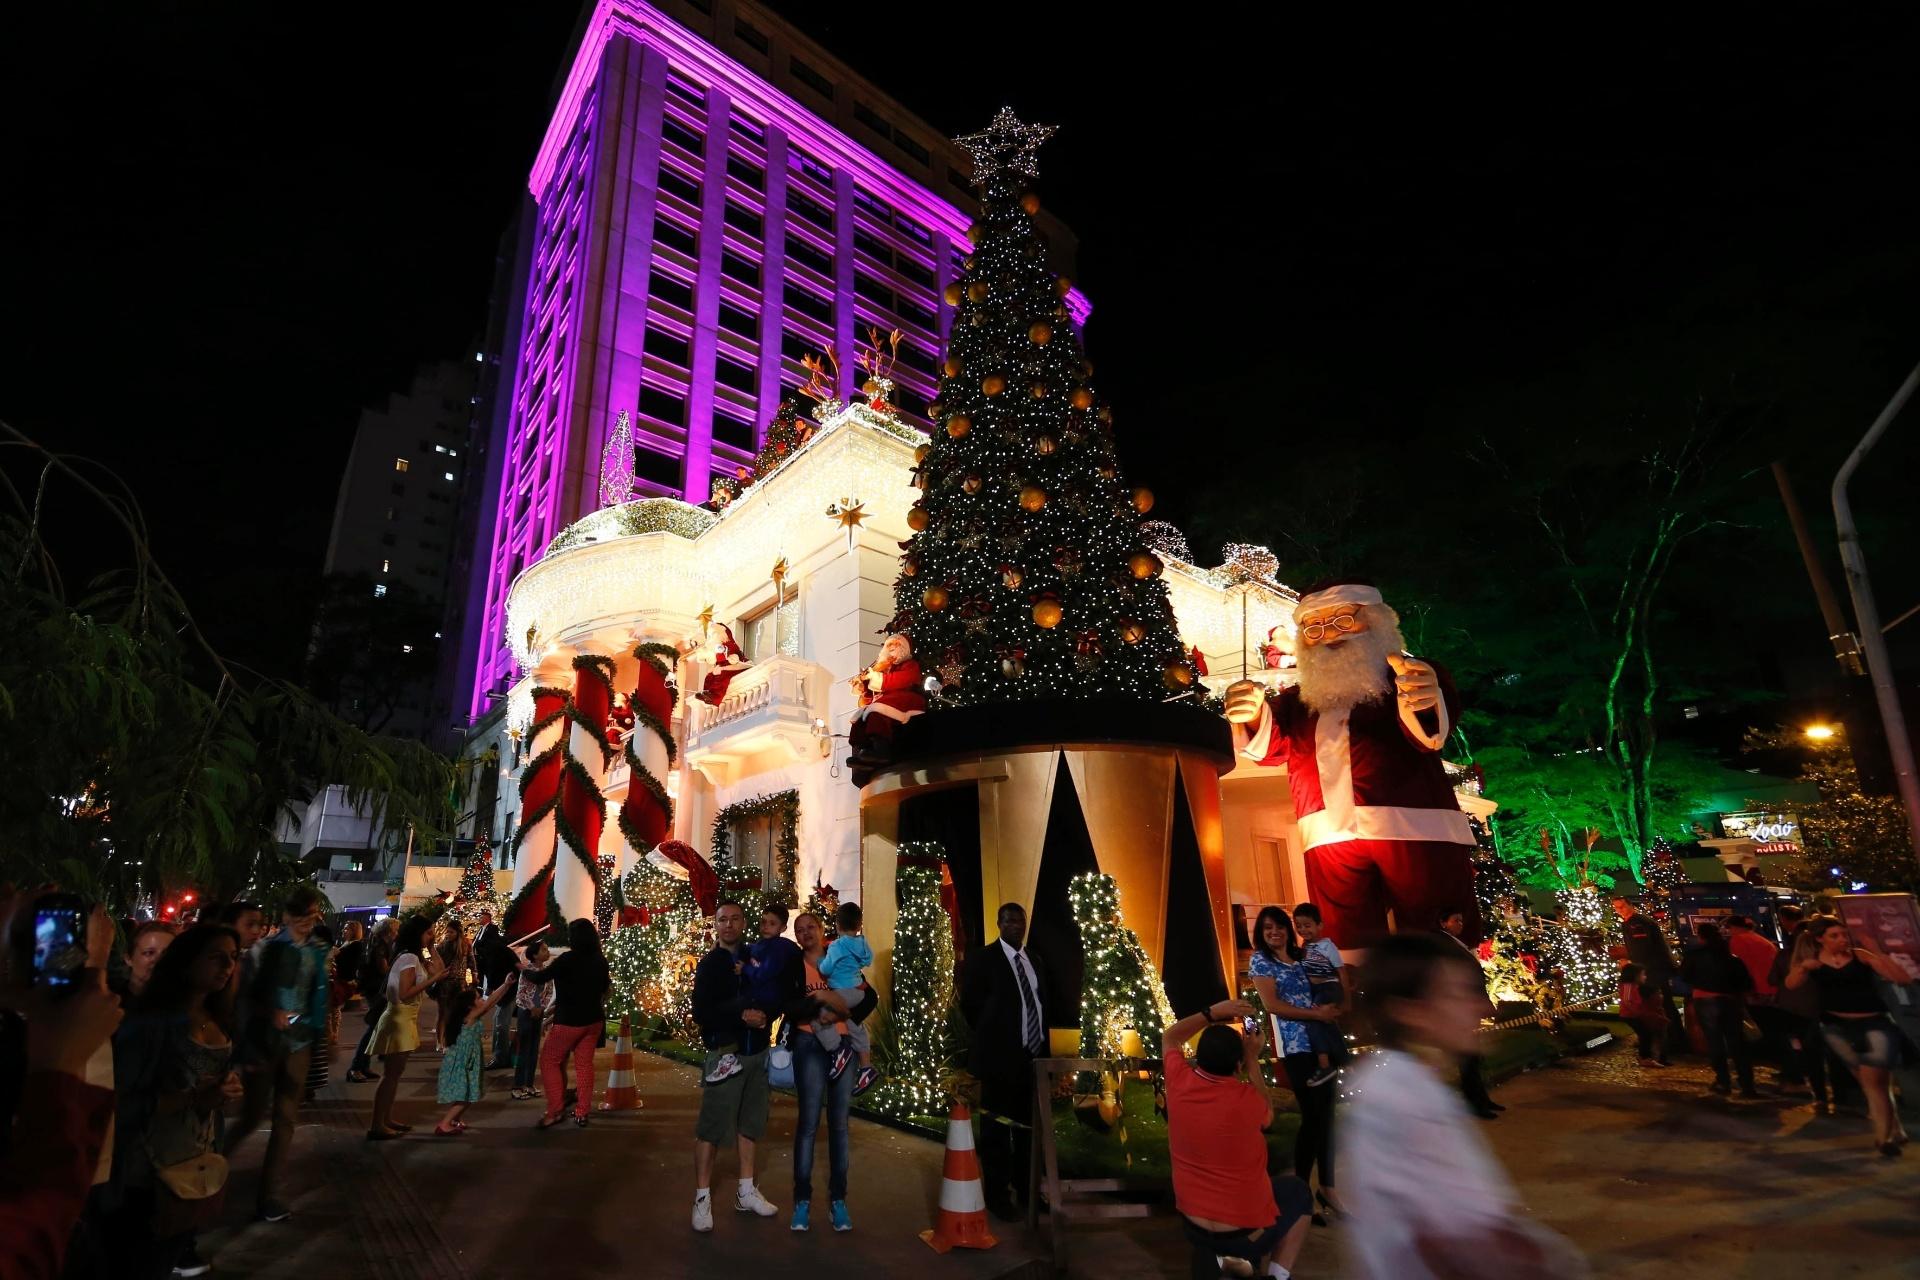 29.nov.2014 - Pedestres observam decoração de natal de uma agência bancária na avenida Paulista, na esquina da rua Ministro Rocha Azevedo na noite deste sábado